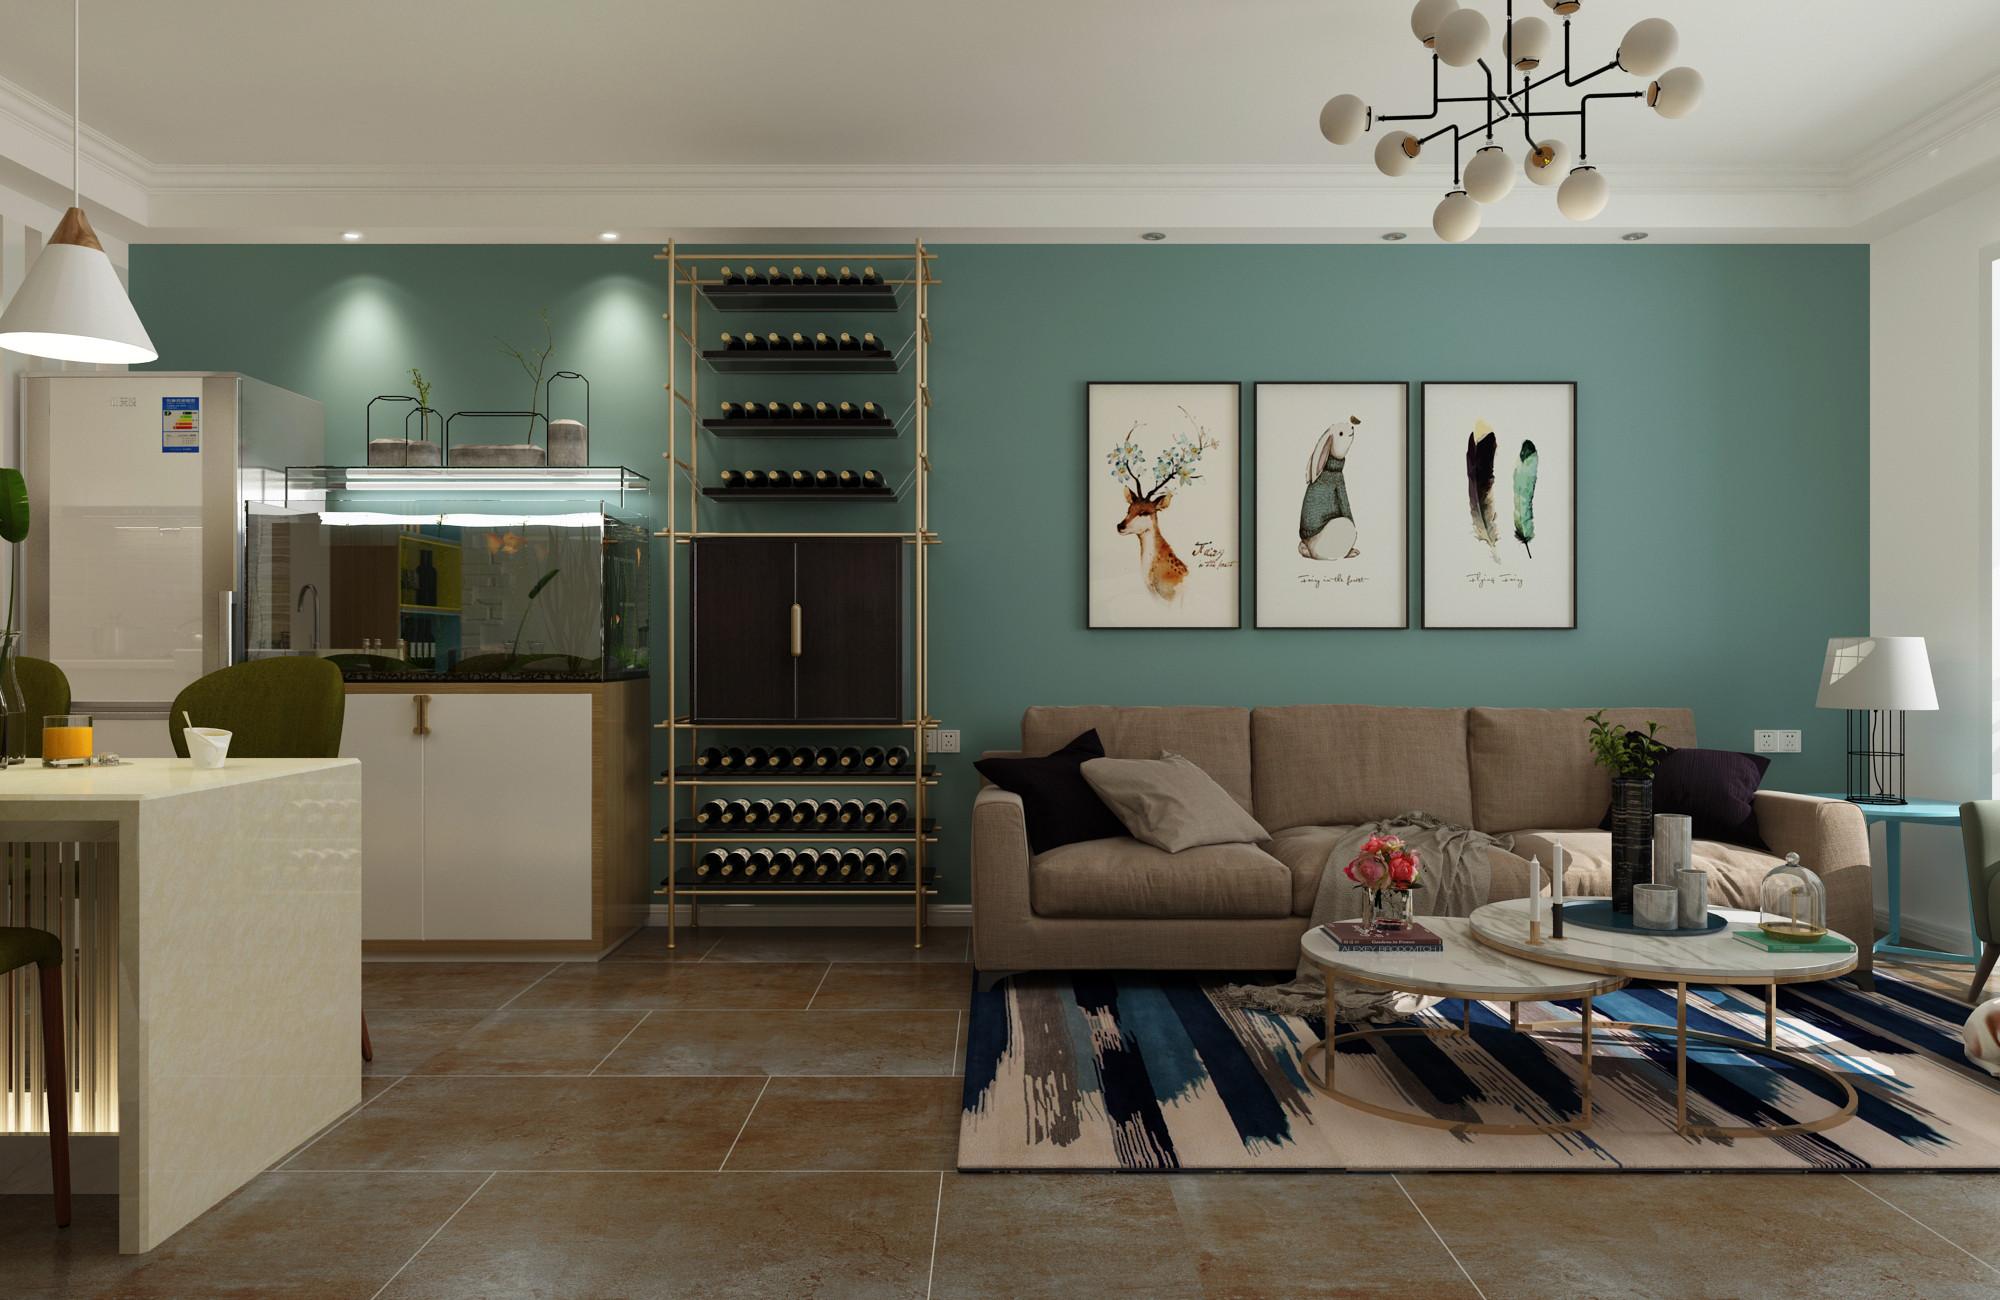 北欧二居室装修设计沙发背景墙图片